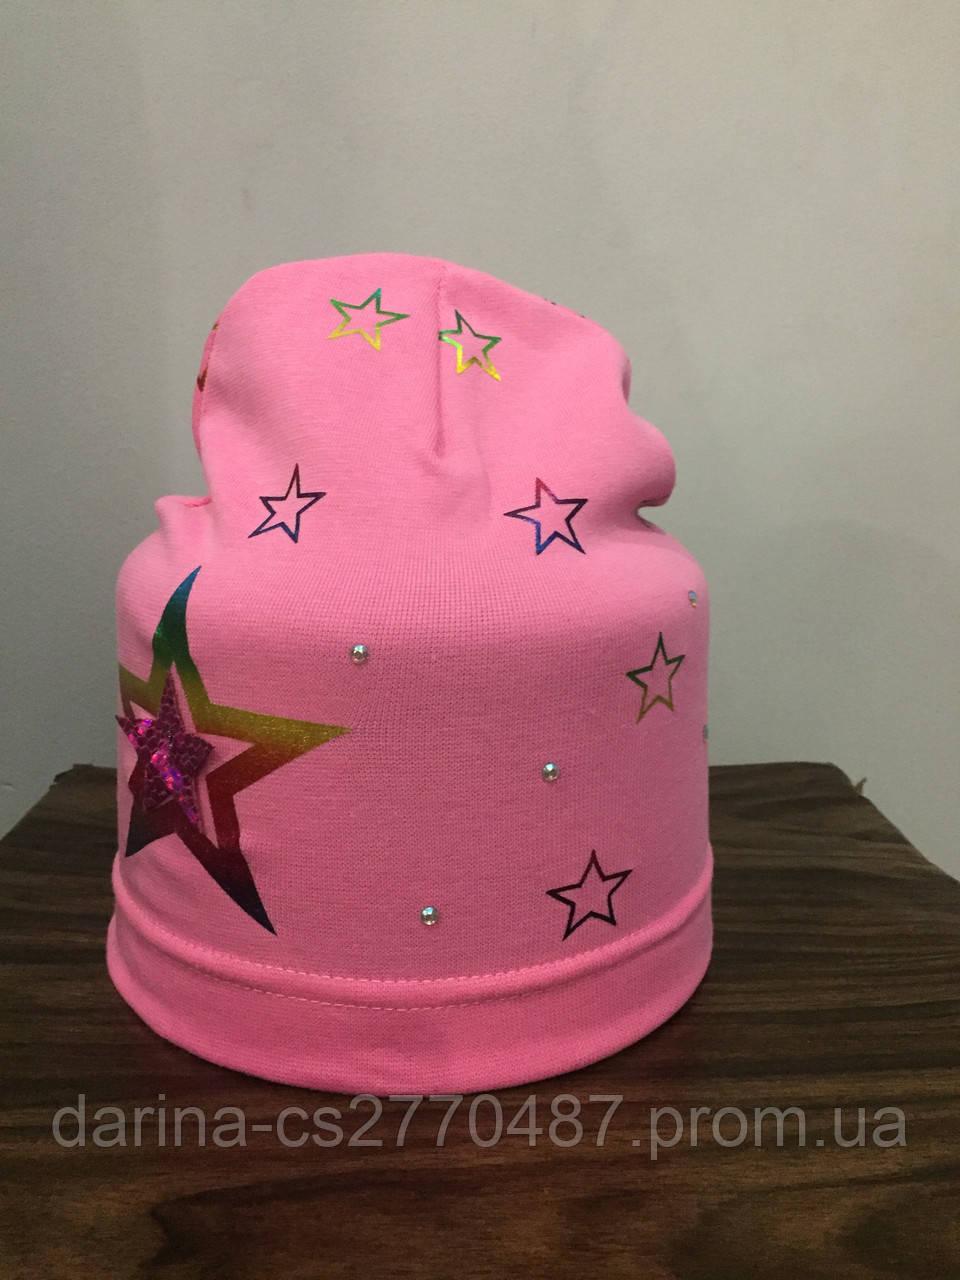 Шапка со звездой для девочки